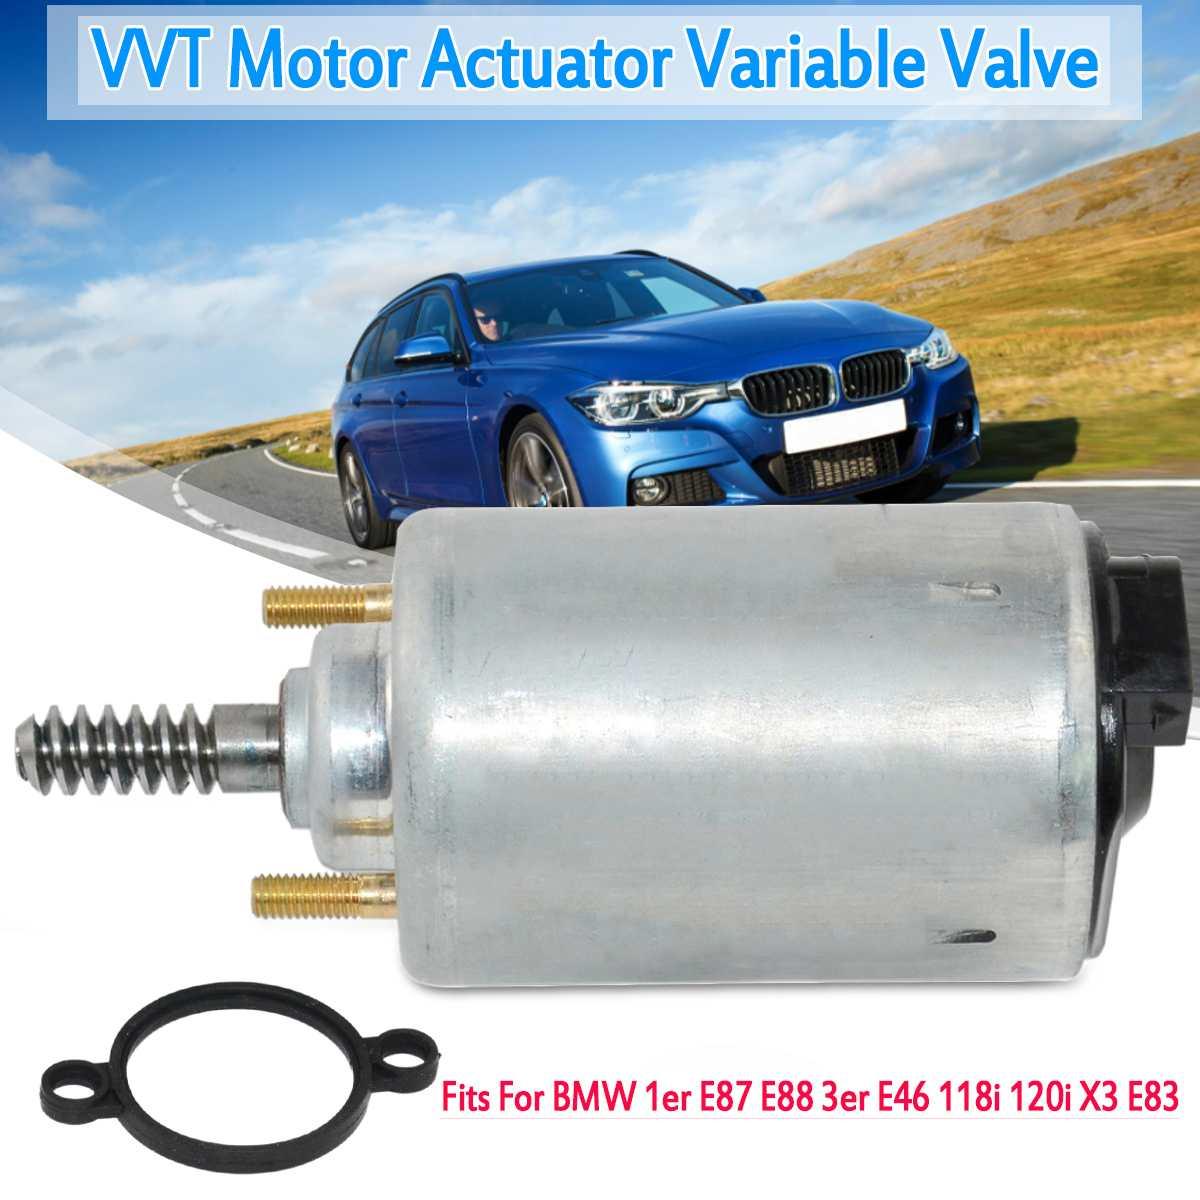 VVT moteur actionneur Variable Valv pour B. MW. 1/3/X1/X3/Z4 E87 E88 3er E46 118i 120i X3 E83 VVT Valvetronic Servo D'OEM 11377509295